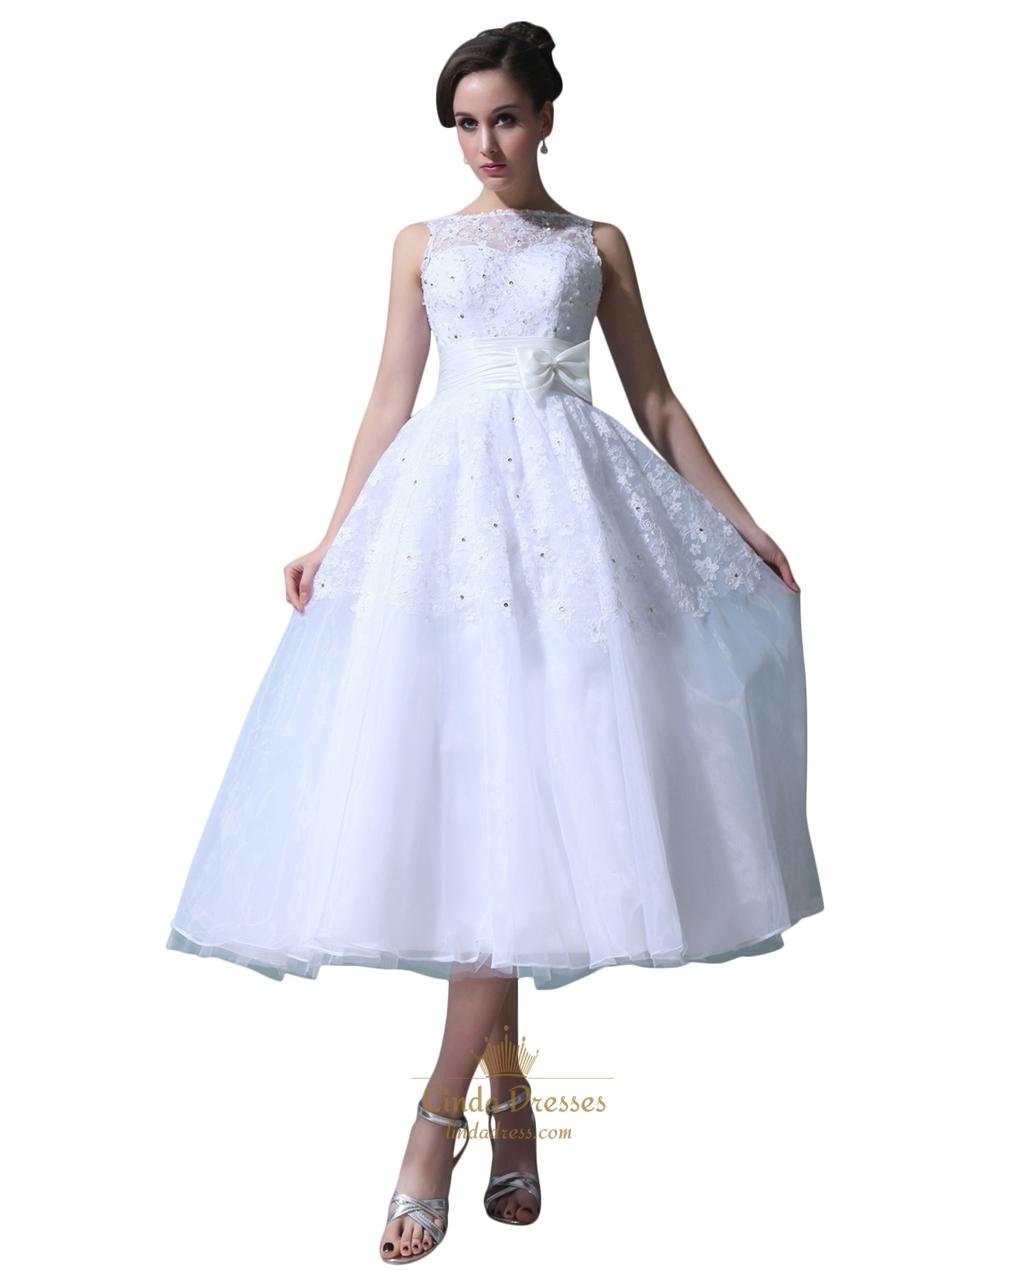 96b3870d455d Lace Top Tea Length Wedding Dress